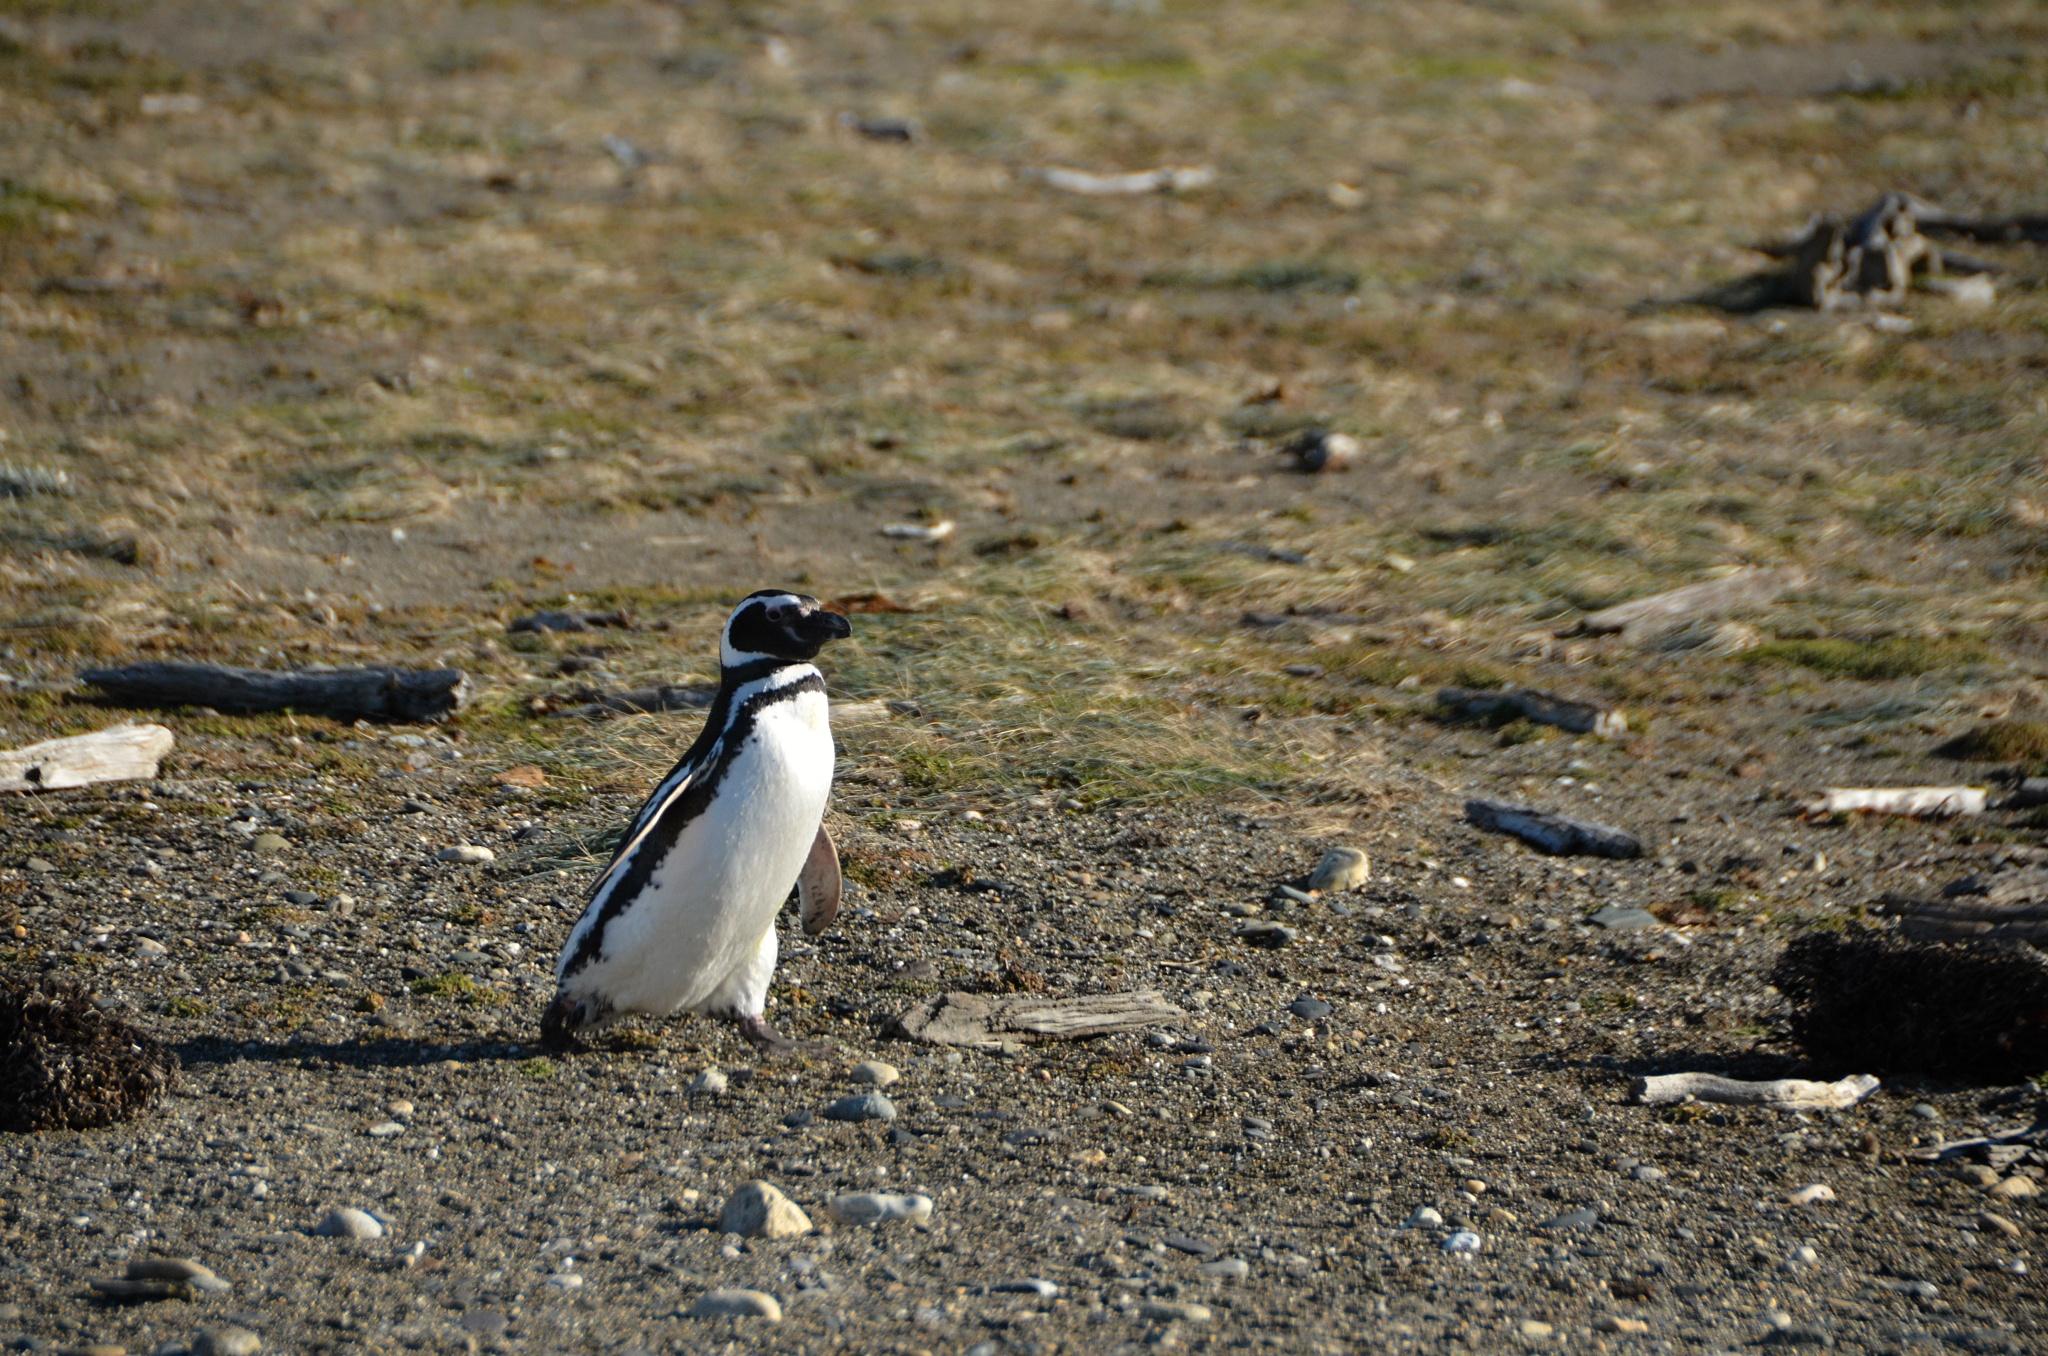 Tučňák se vrací z výletu